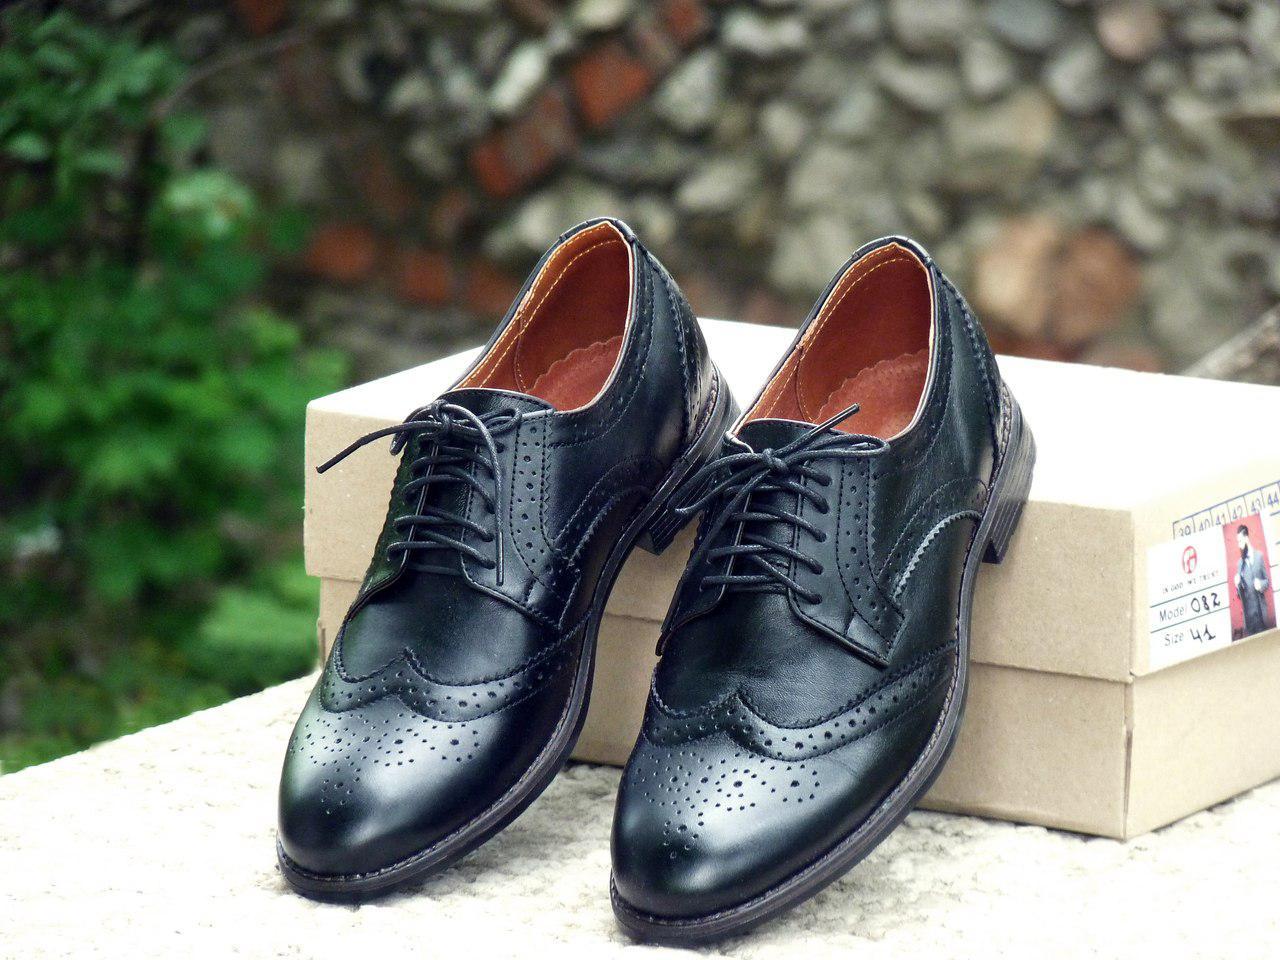 8e1acf32a Туфли броги мужские черные кожаные (Onyx) от бренда Legessy размер 40, 41,